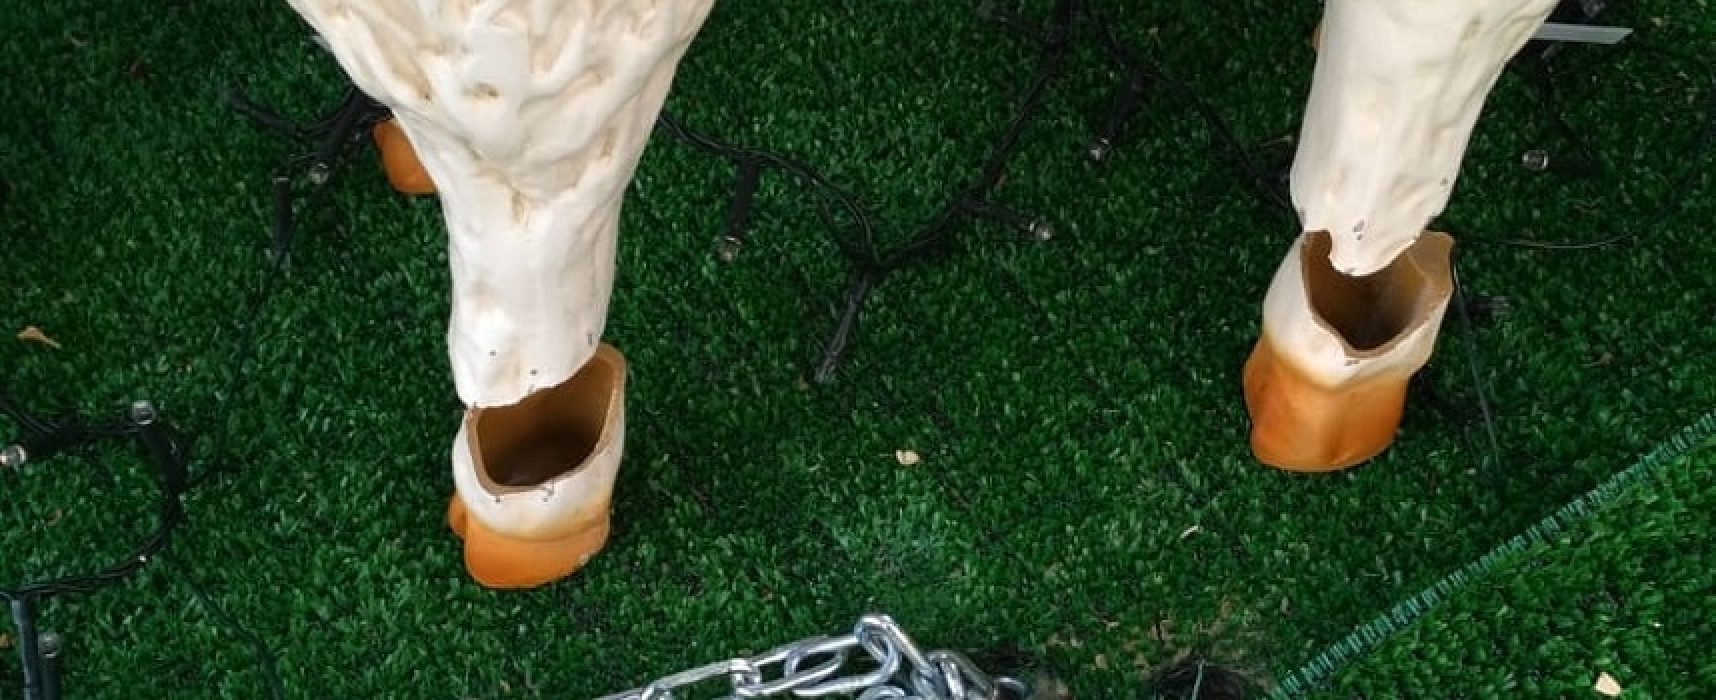 Tentato furto di una pecora di plastica alla Grotta della Natività del Gruppo Scout Bisceglie